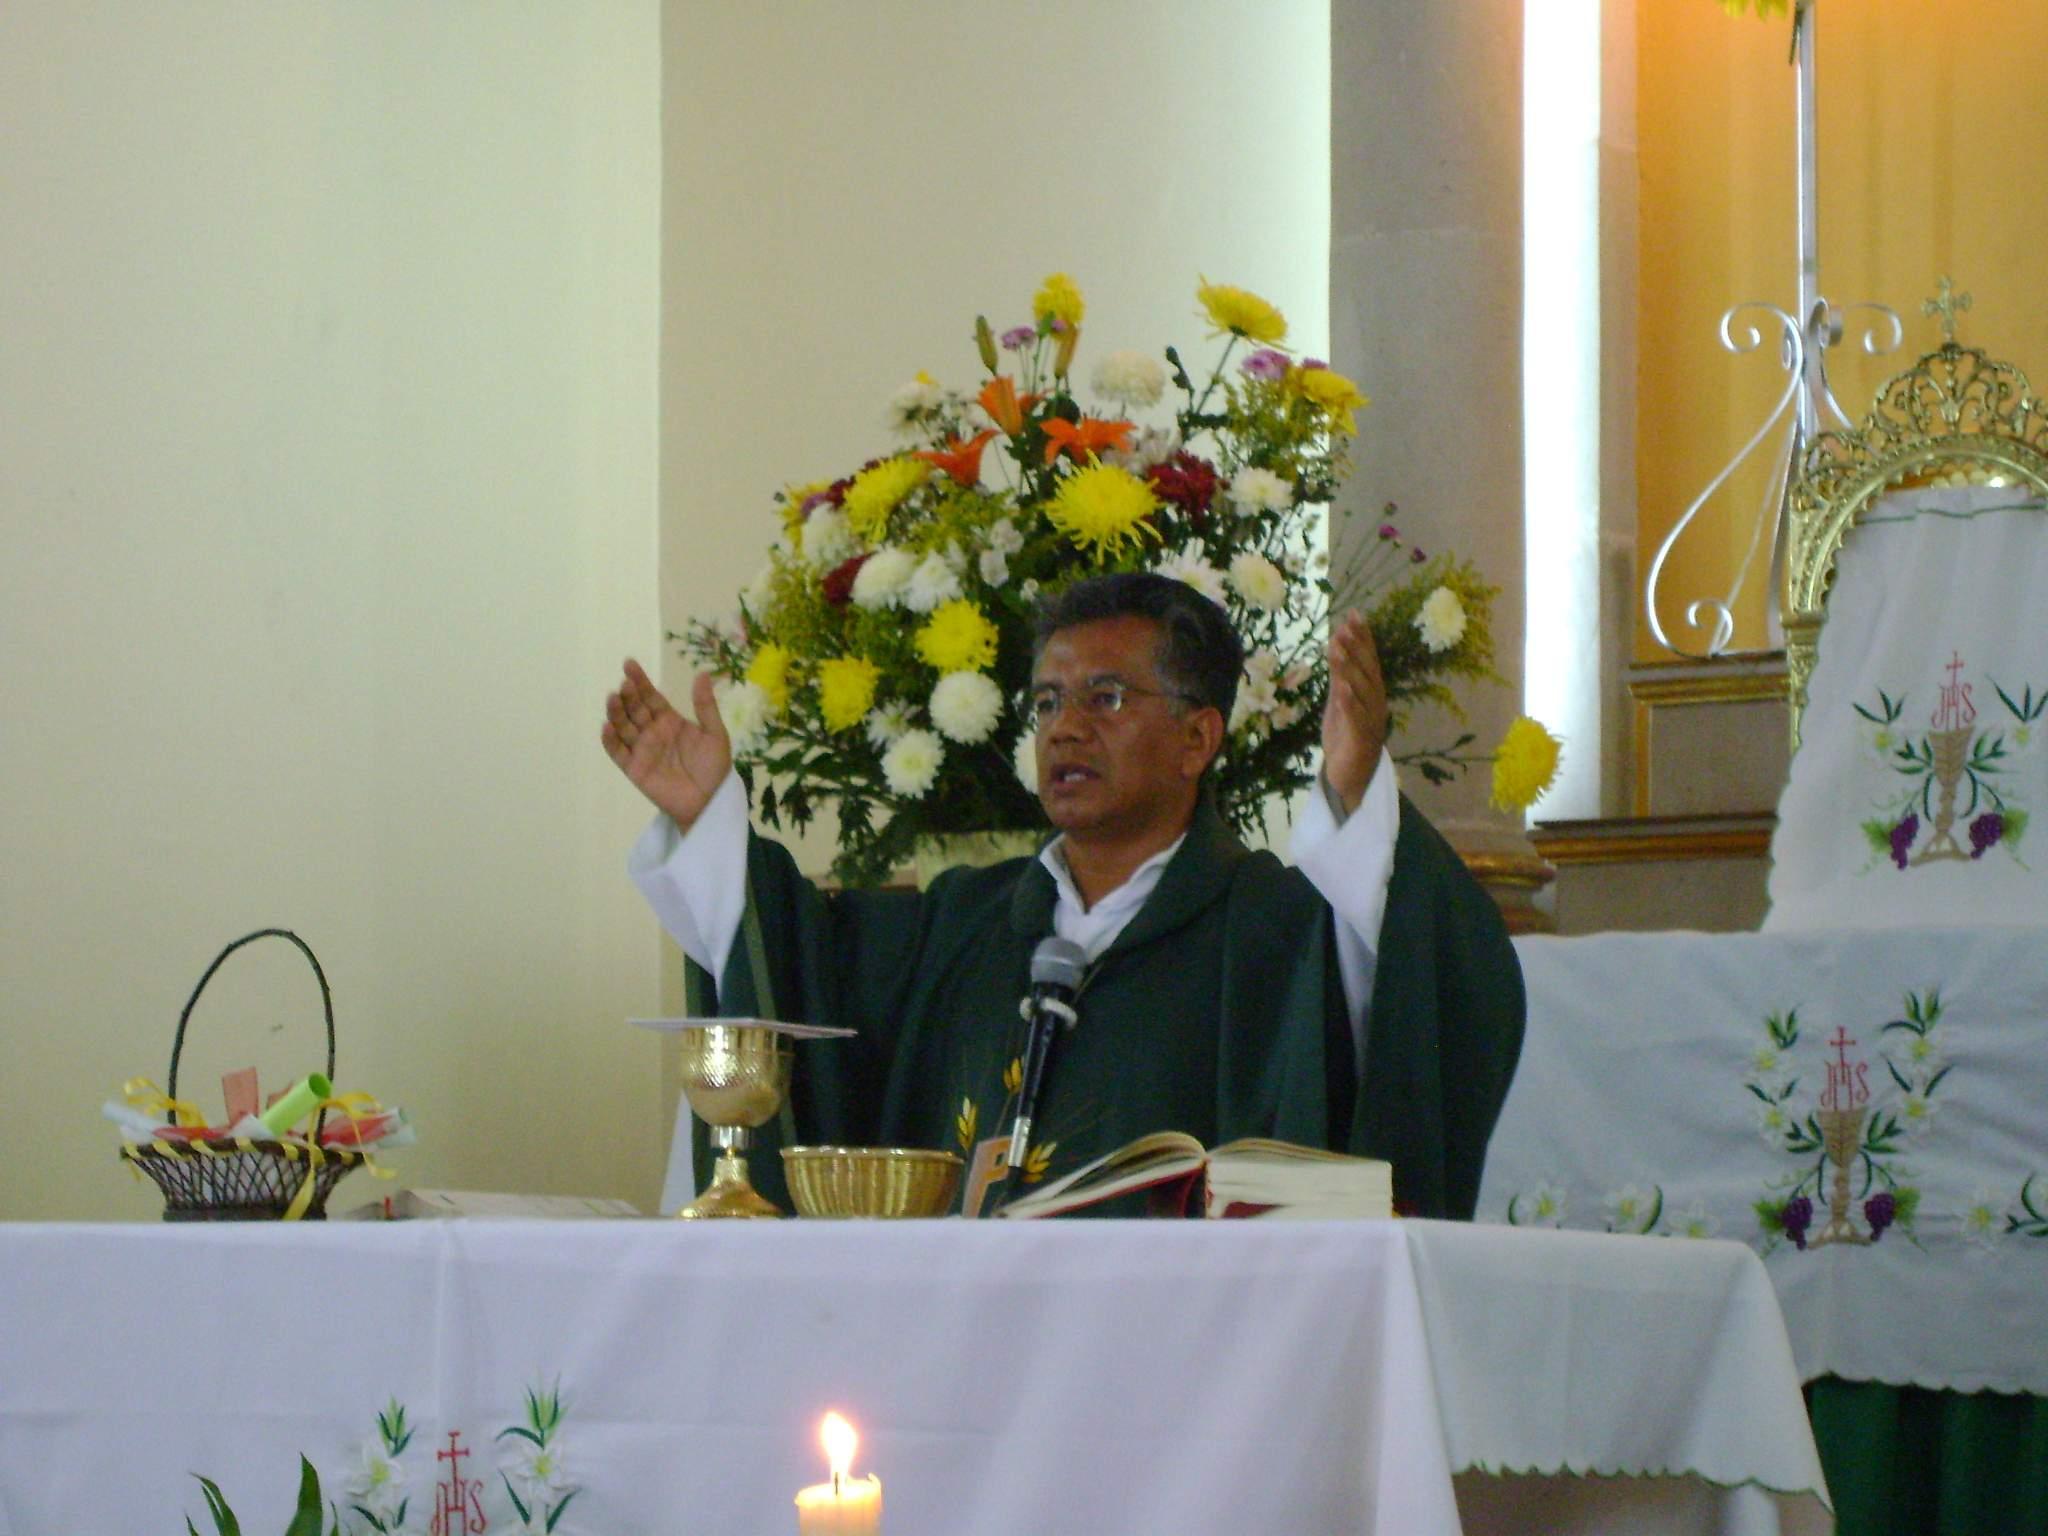 Mantener la esperanza en 2020, pide Diocesis de Irapuato